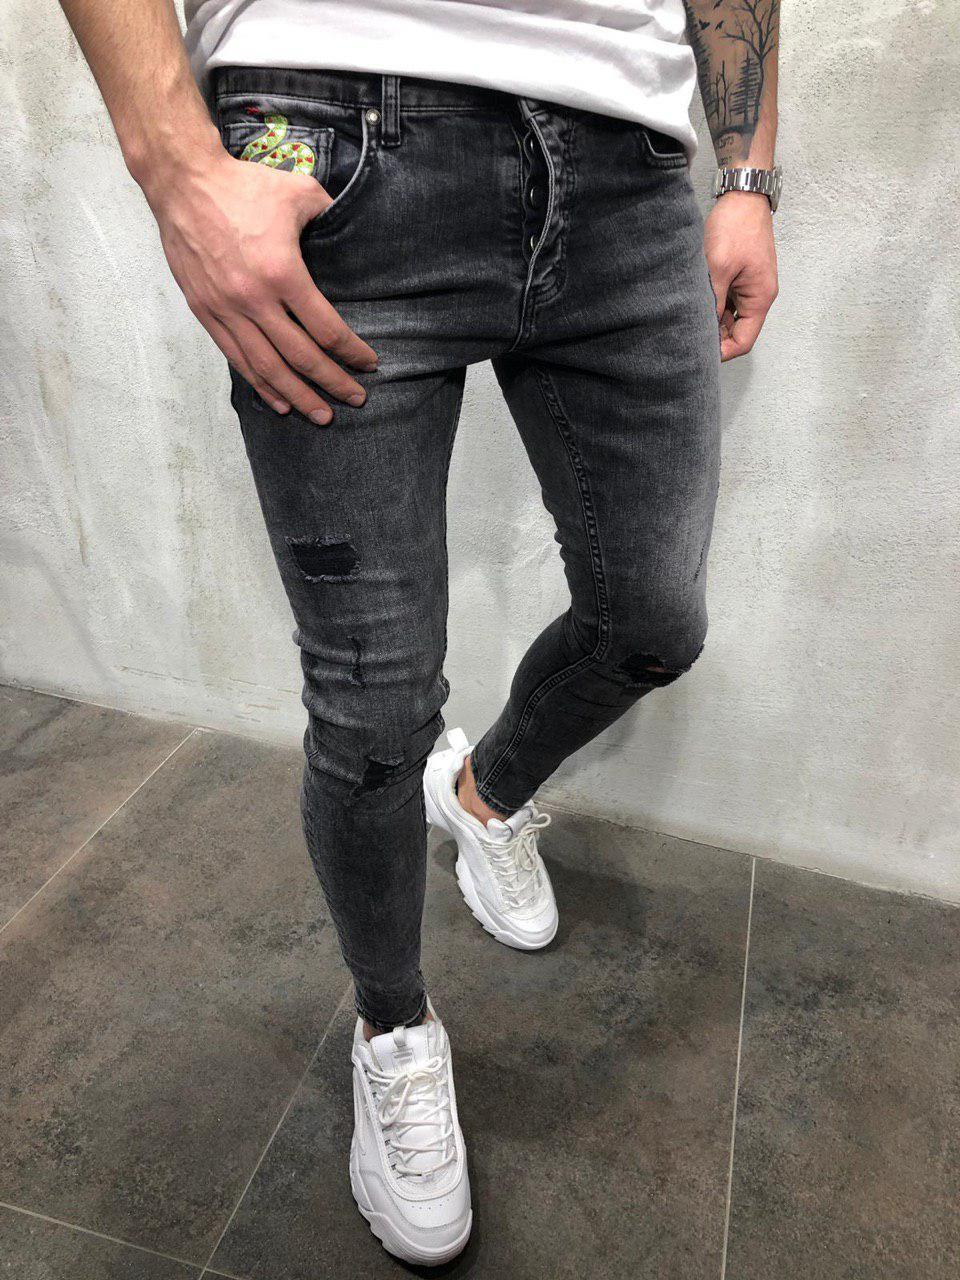 44cefba670d Мужские джинсы зауженные темно-серые B4462 - Компания